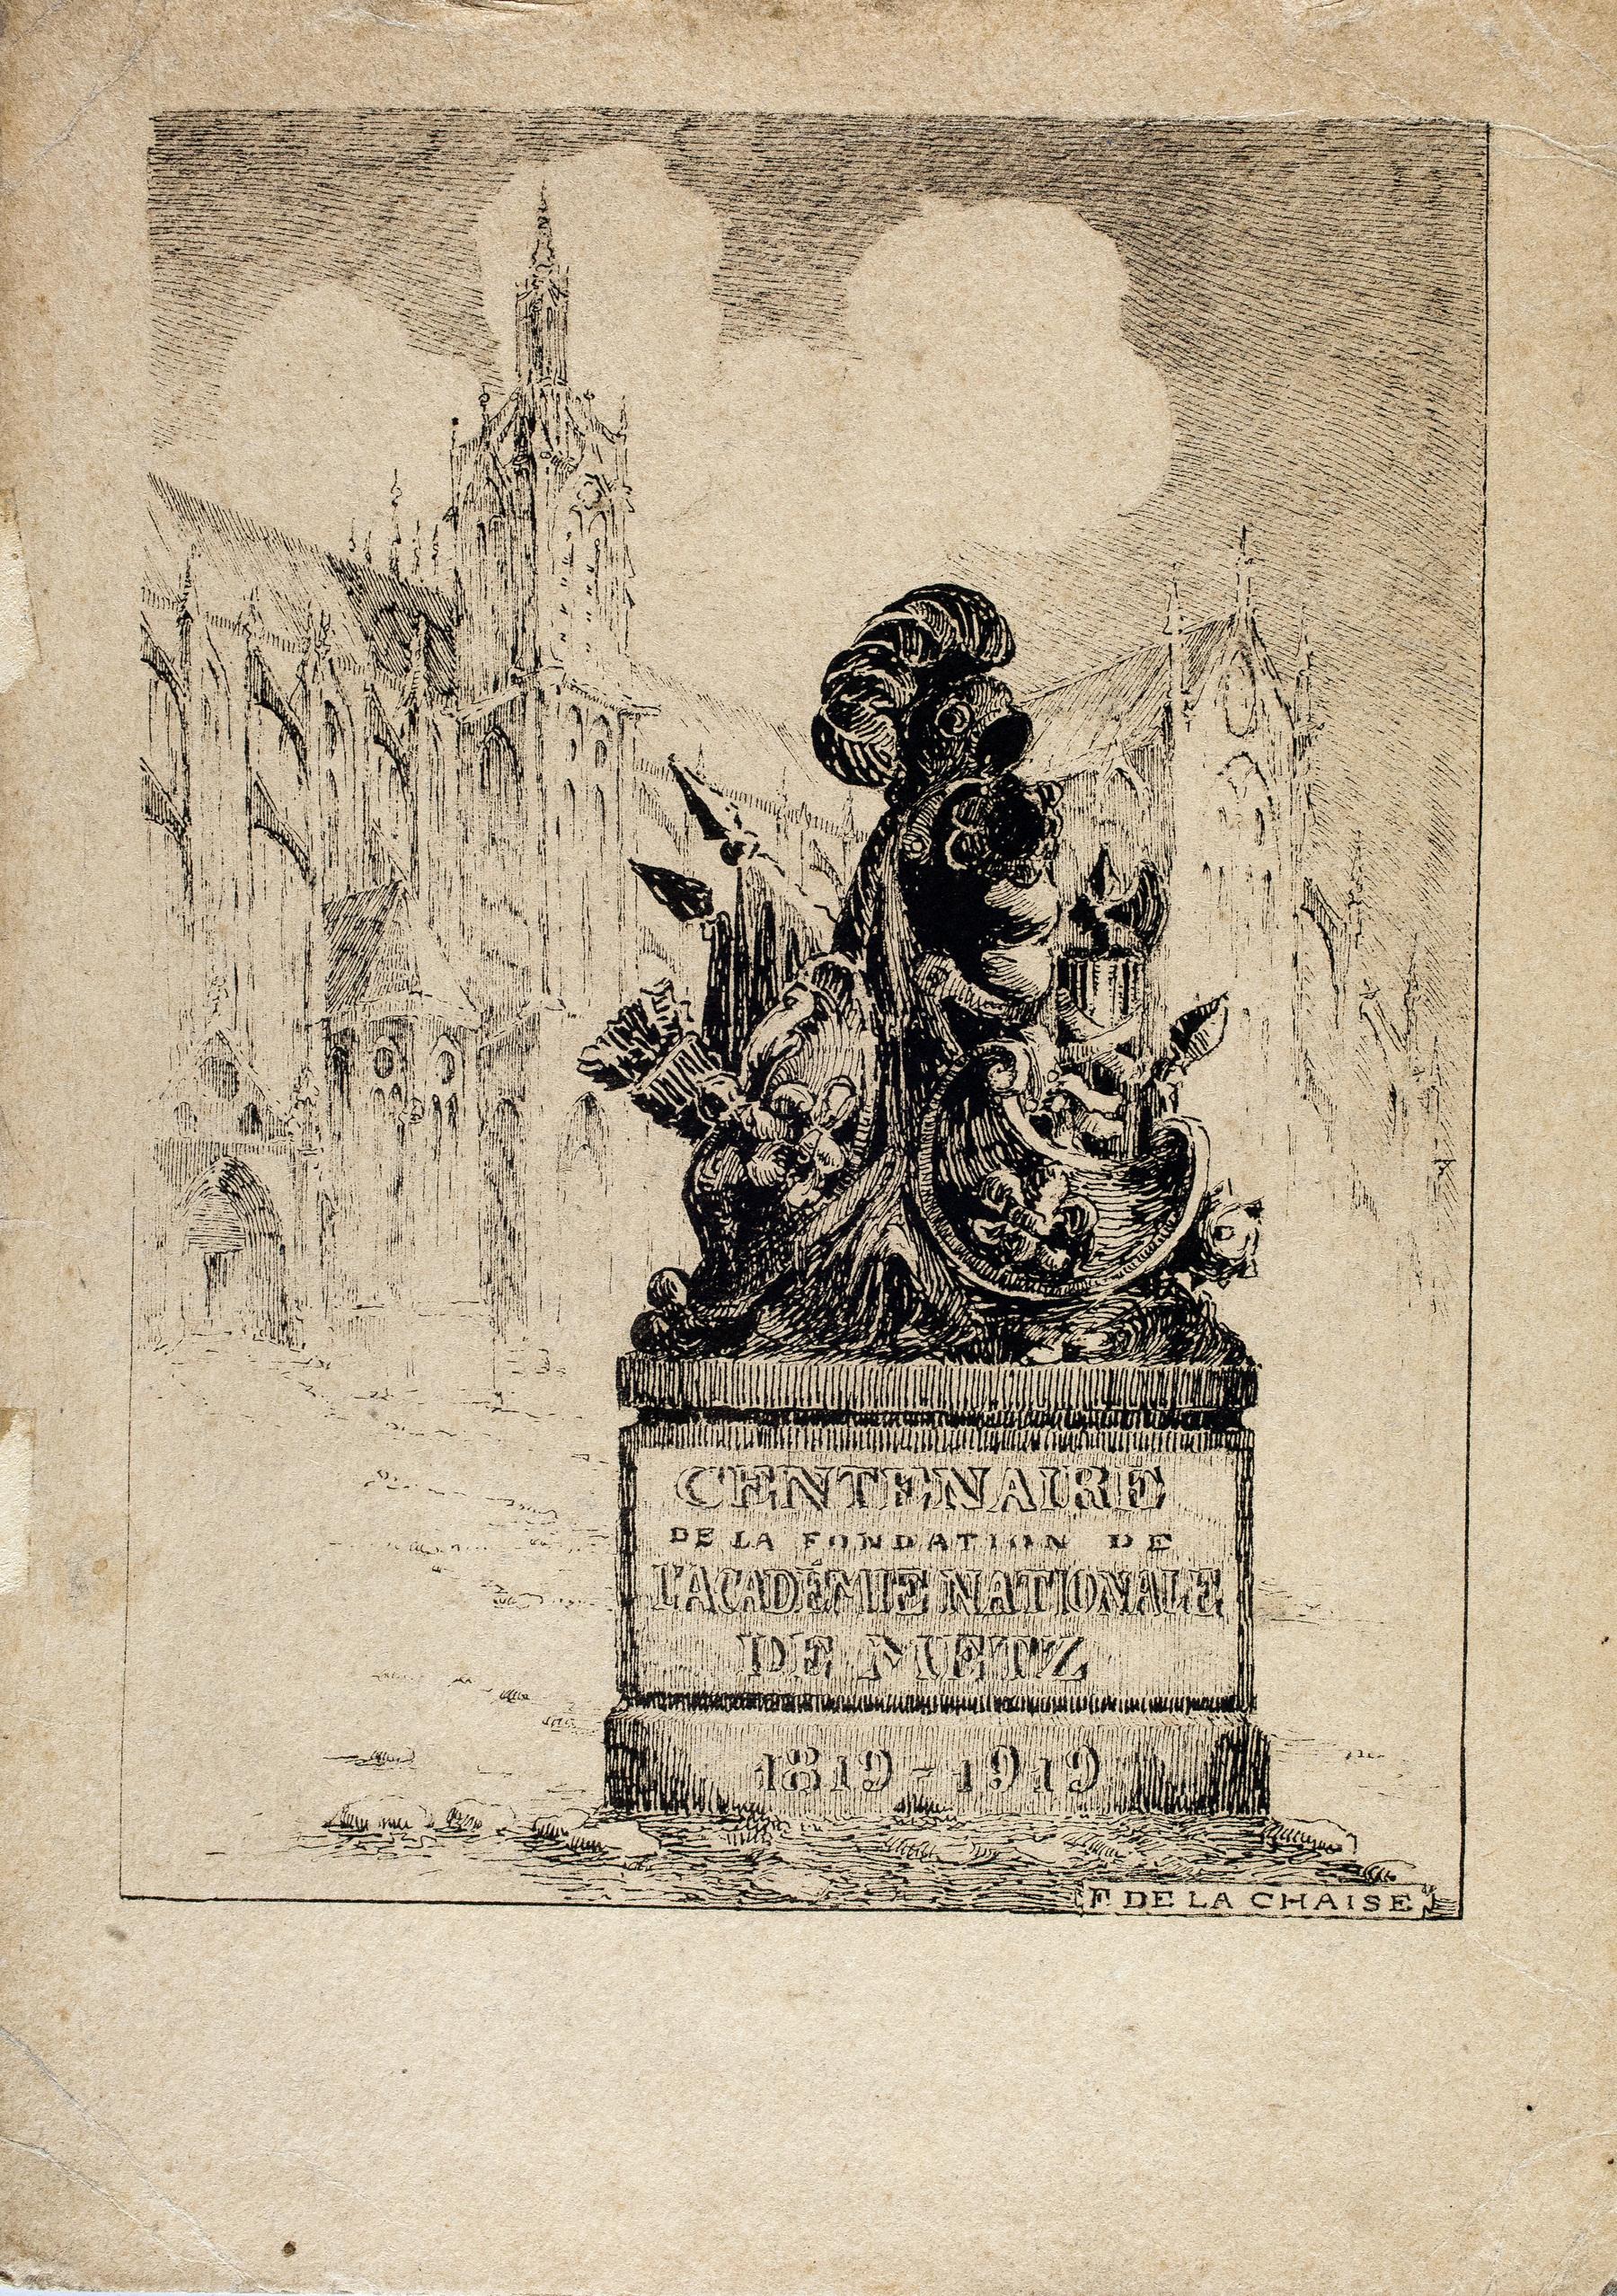 Contenu du Centenaire de la fondation de l'Académie nationale de Metz: 1819-1919